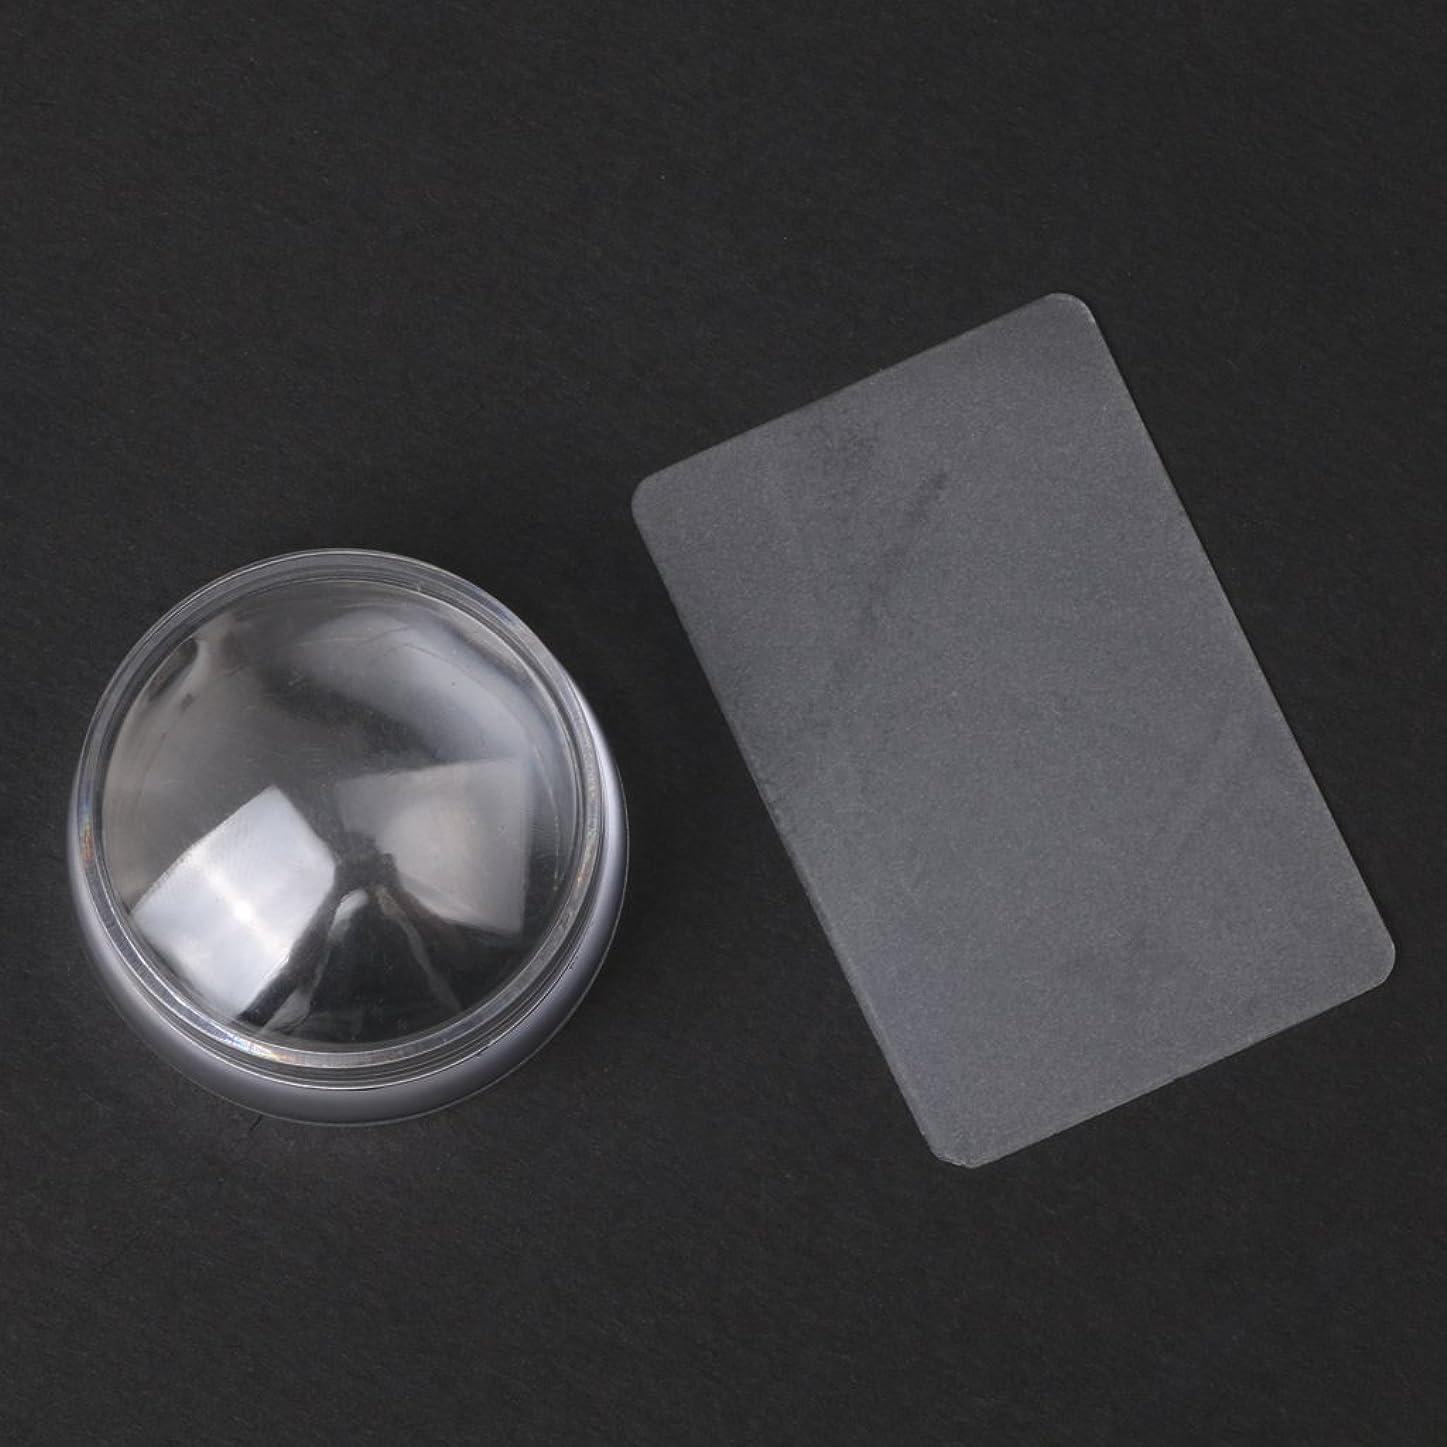 酸素引き算幻滅CUTICATE 2个ネイルアートスタンプスタンパ掻きスクレーパーツールは透明に設定します